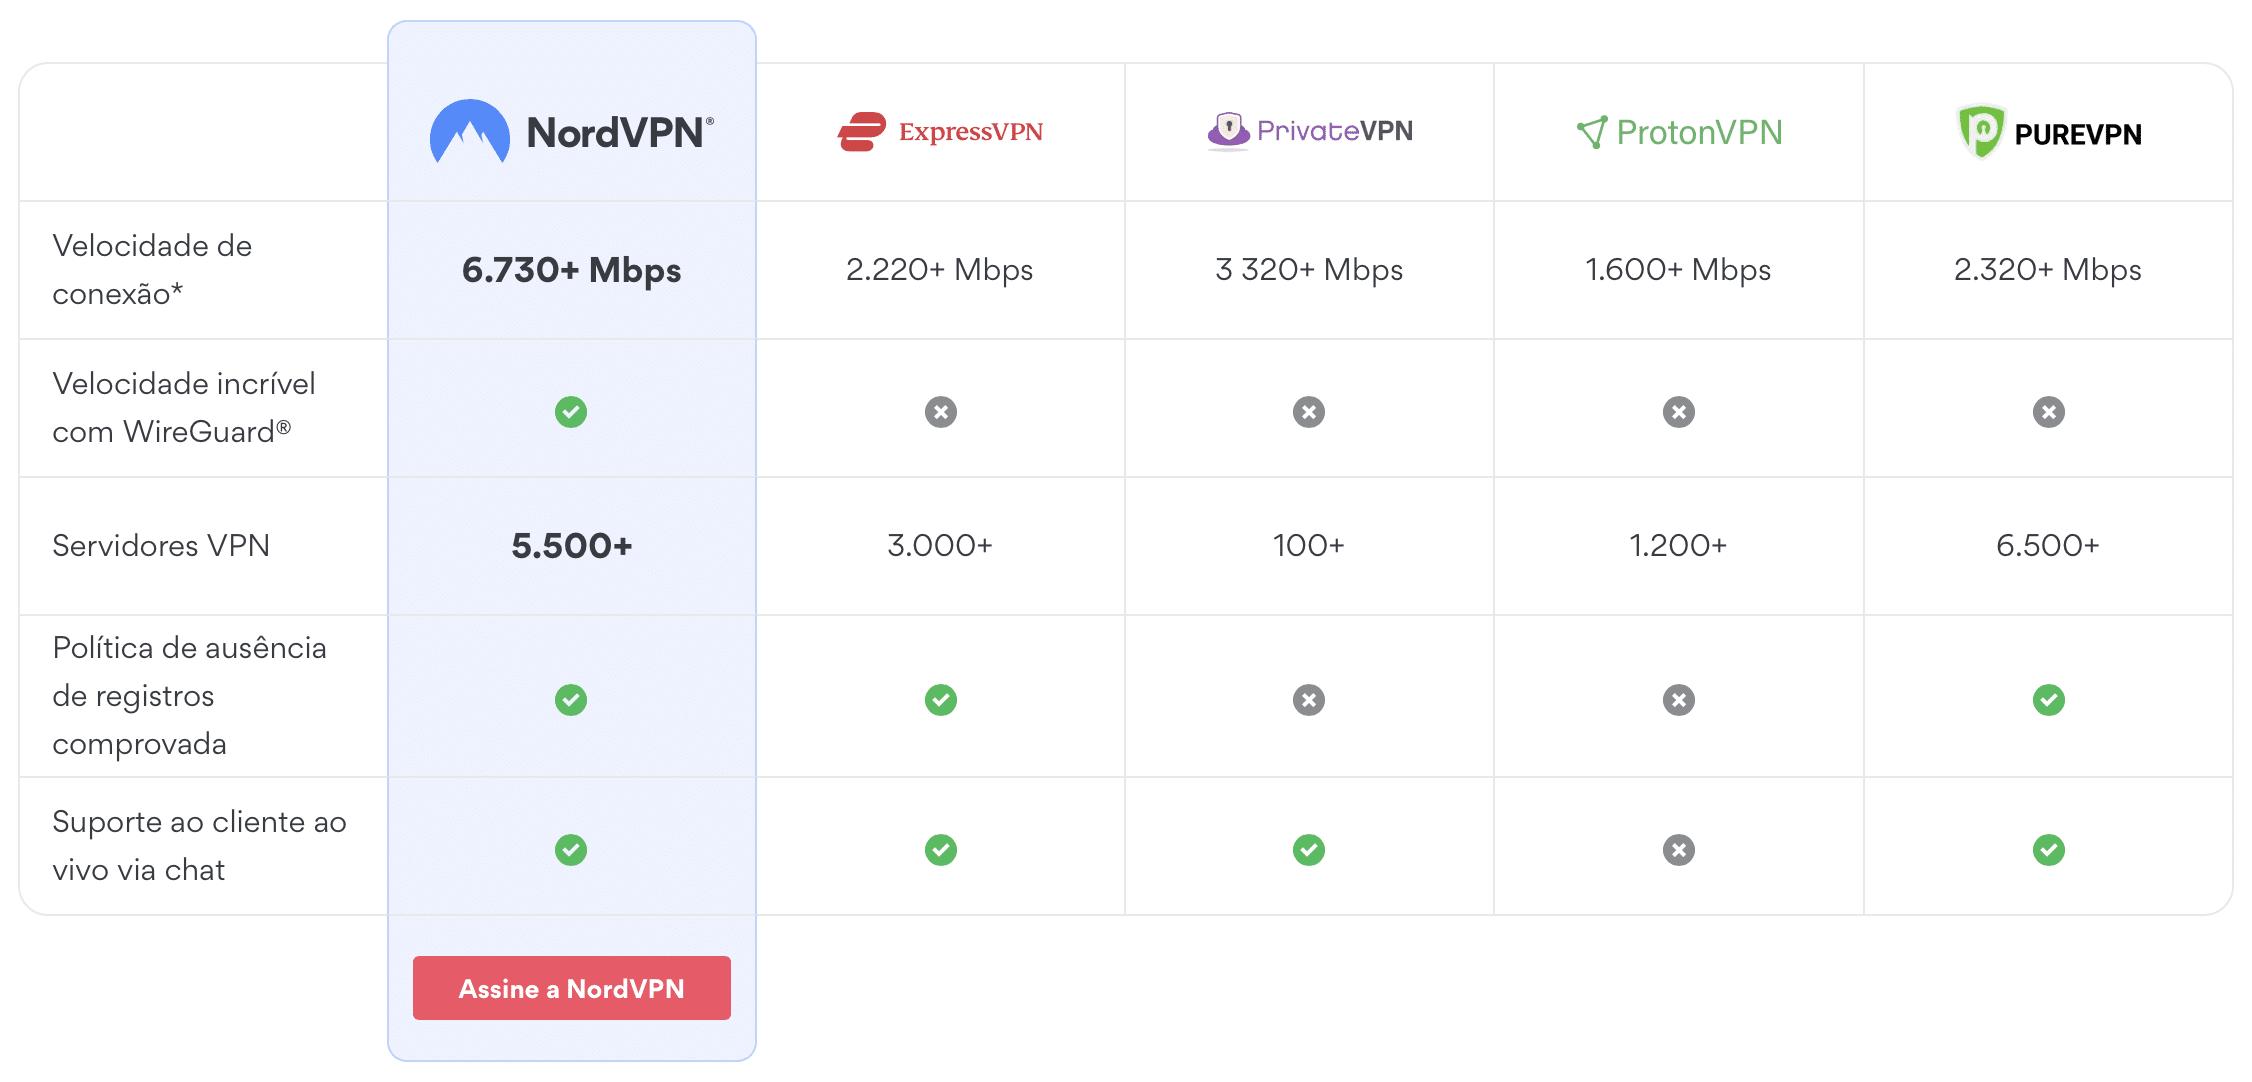 Tabela comparativa da NordVPN